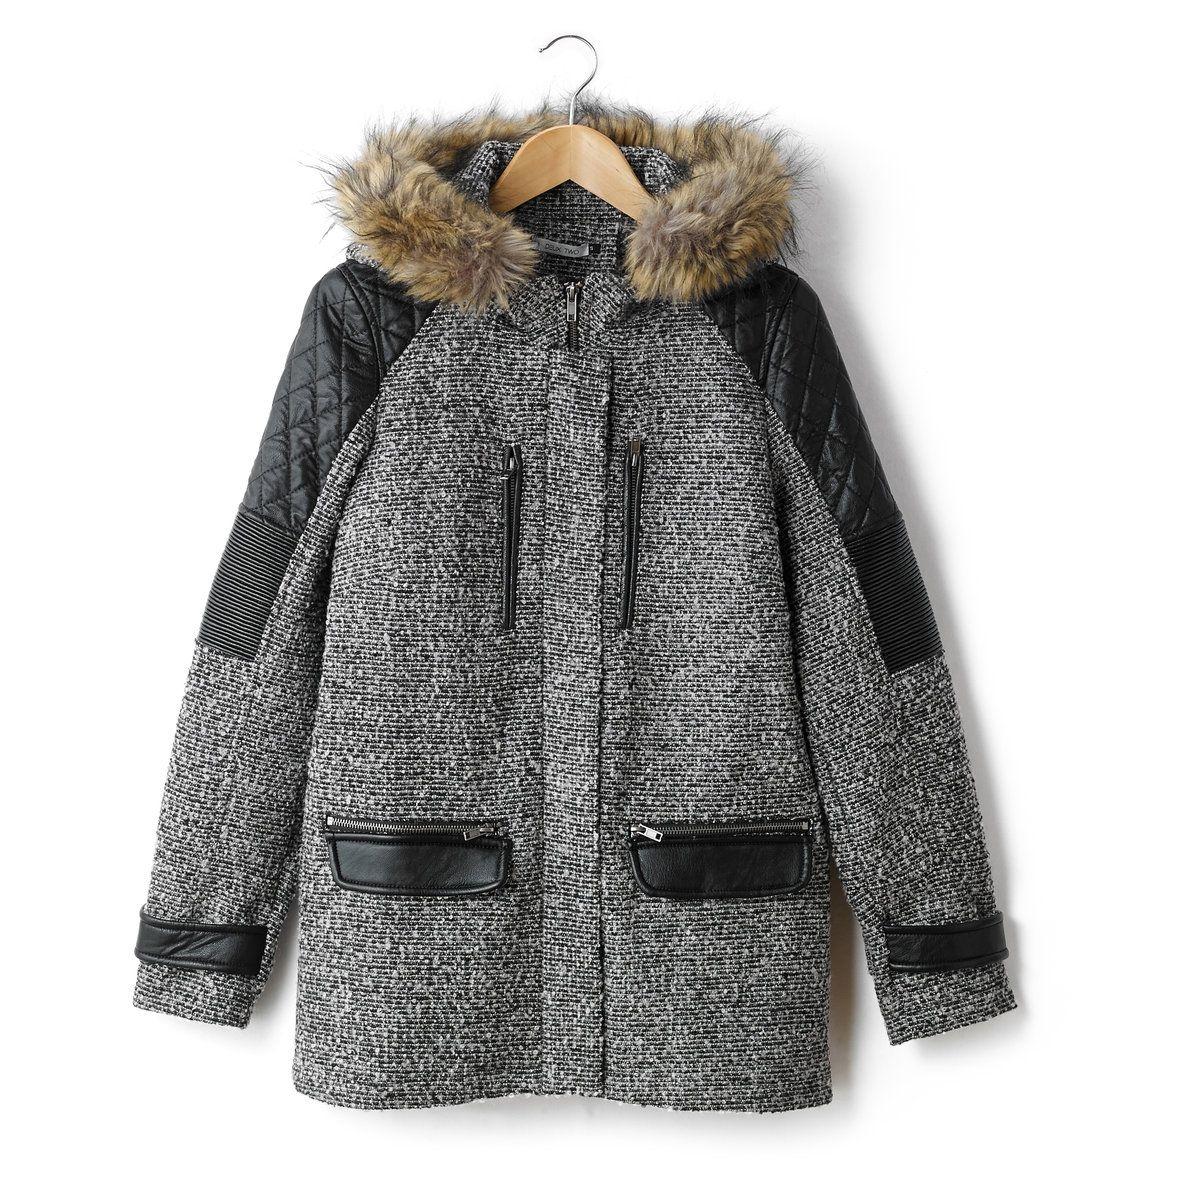 Manteau bi-matière Hikys, capuche avec fausse four